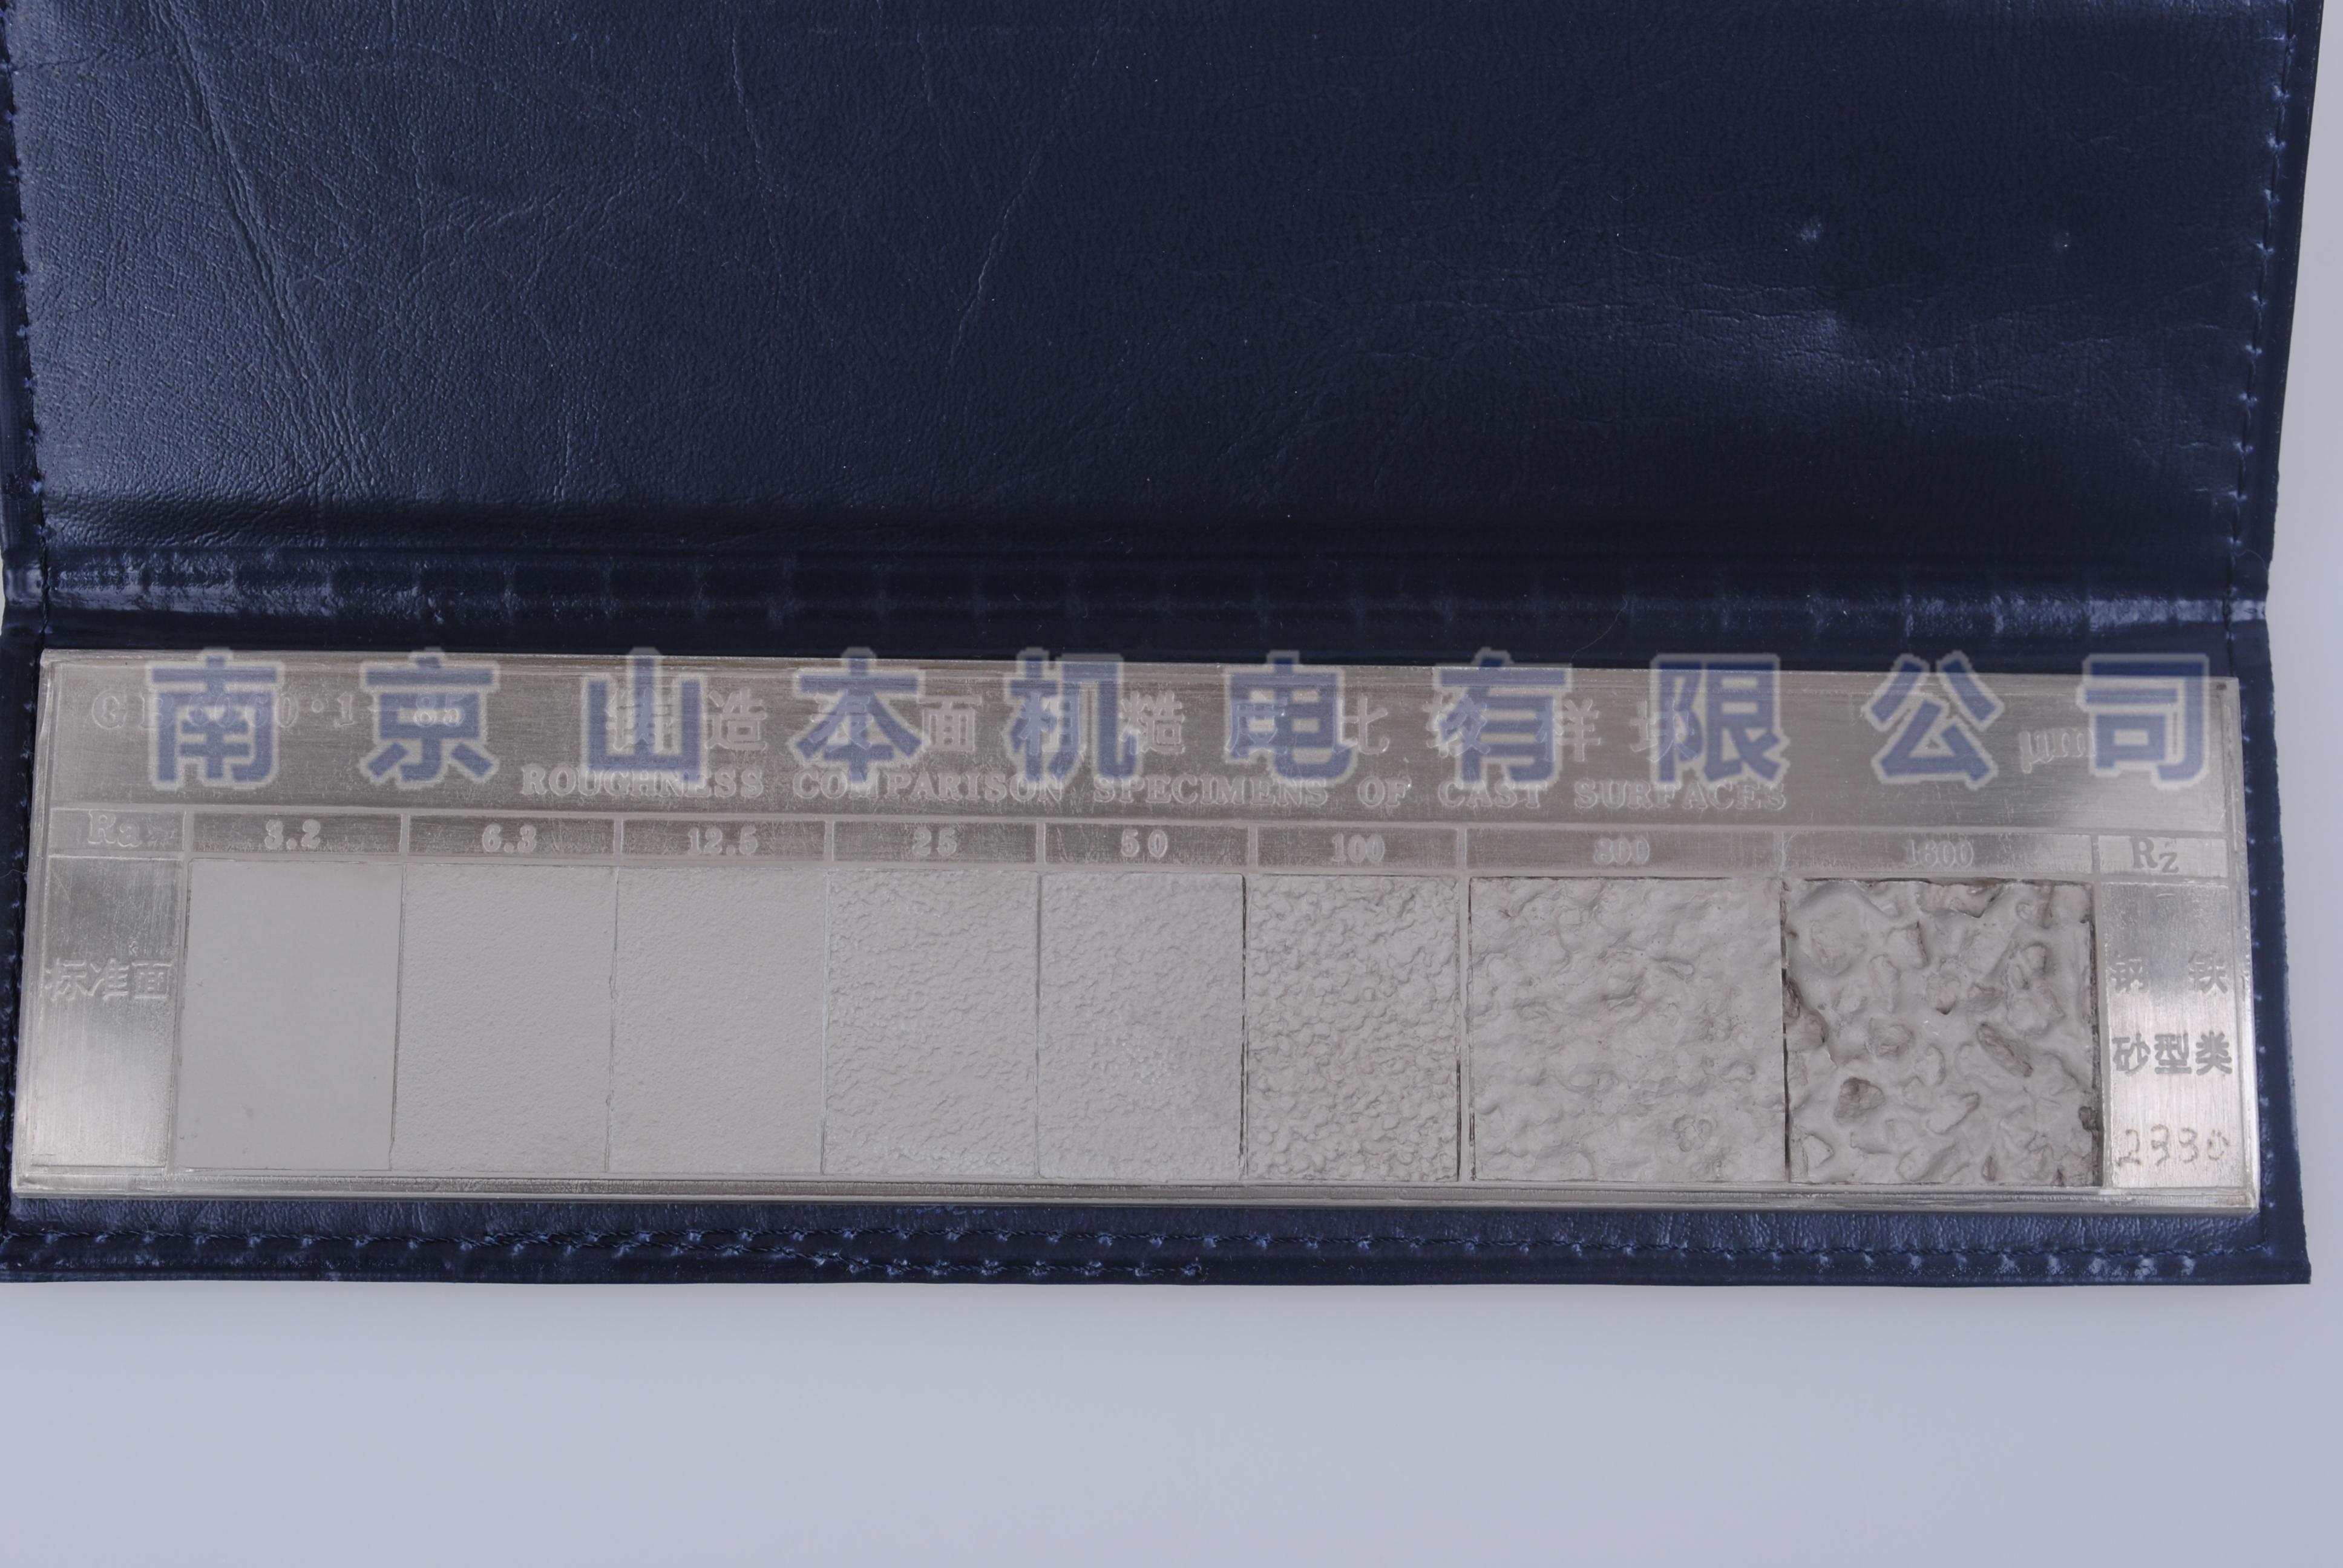 表面粗糙度 比较样块铸造钢铁砂型